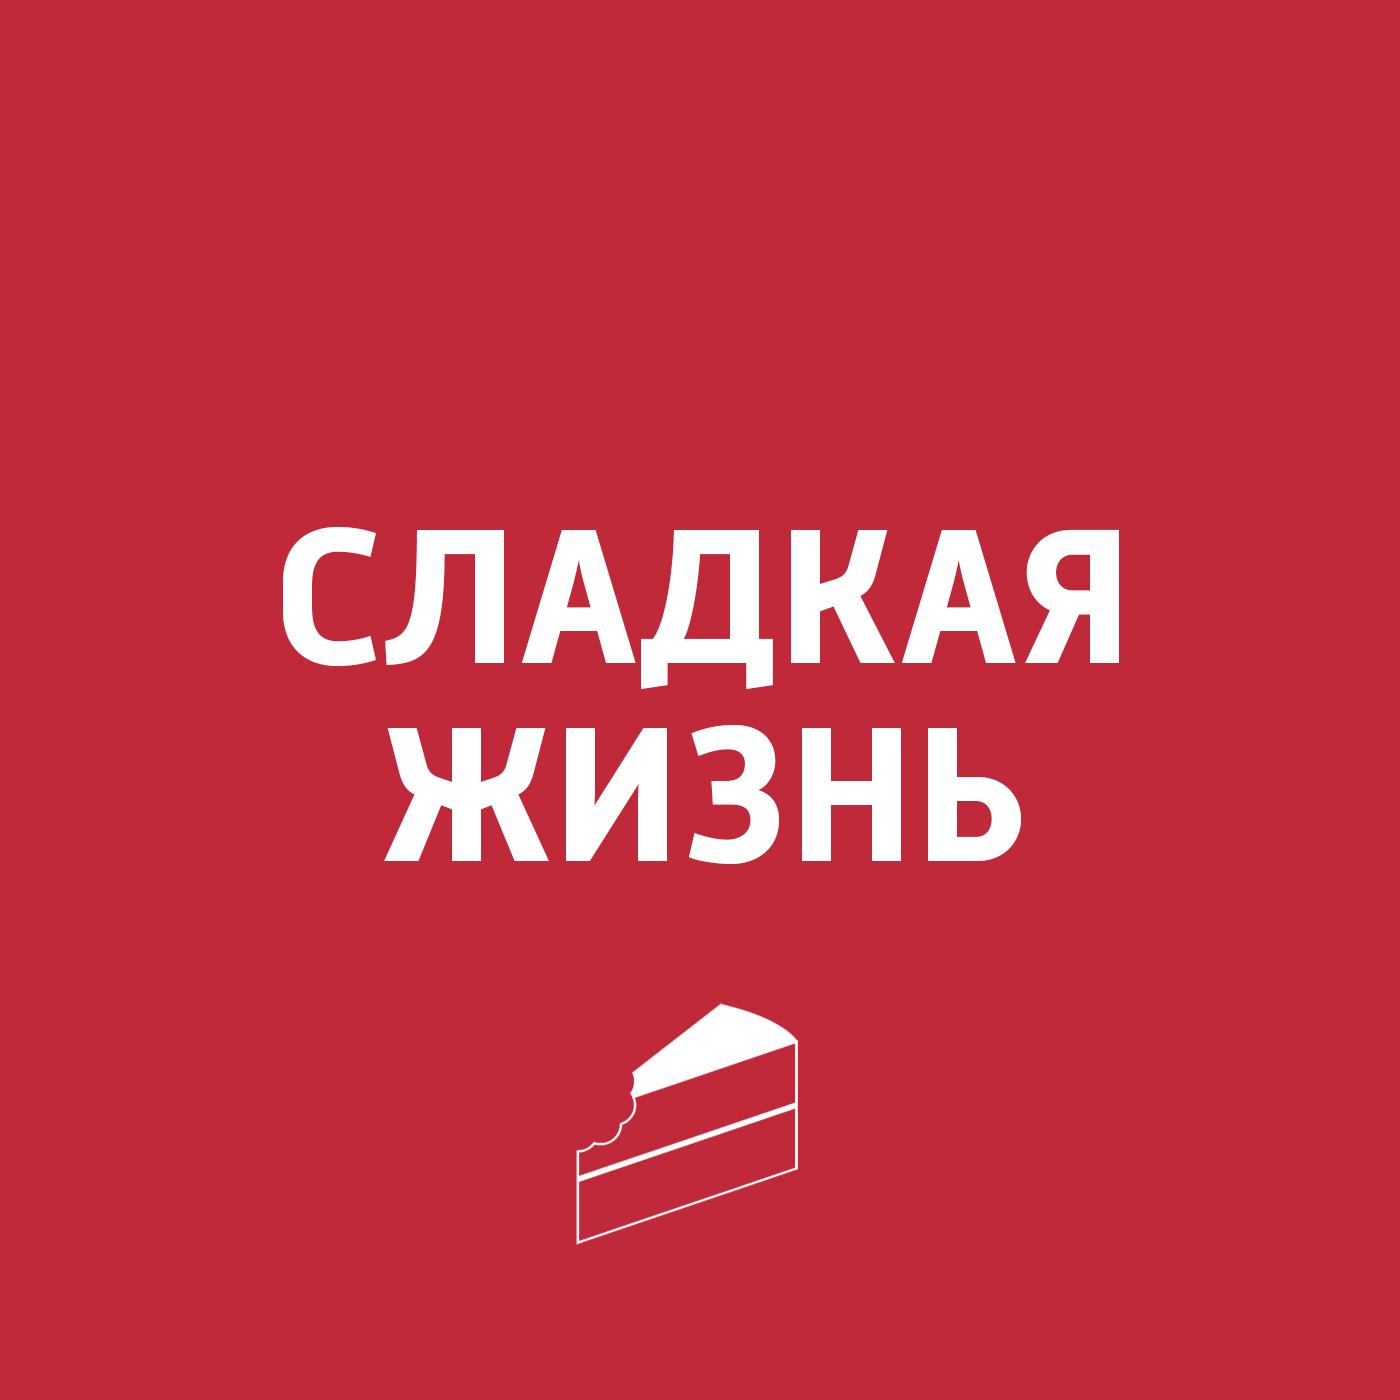 цены Картаев Павел Ряженка